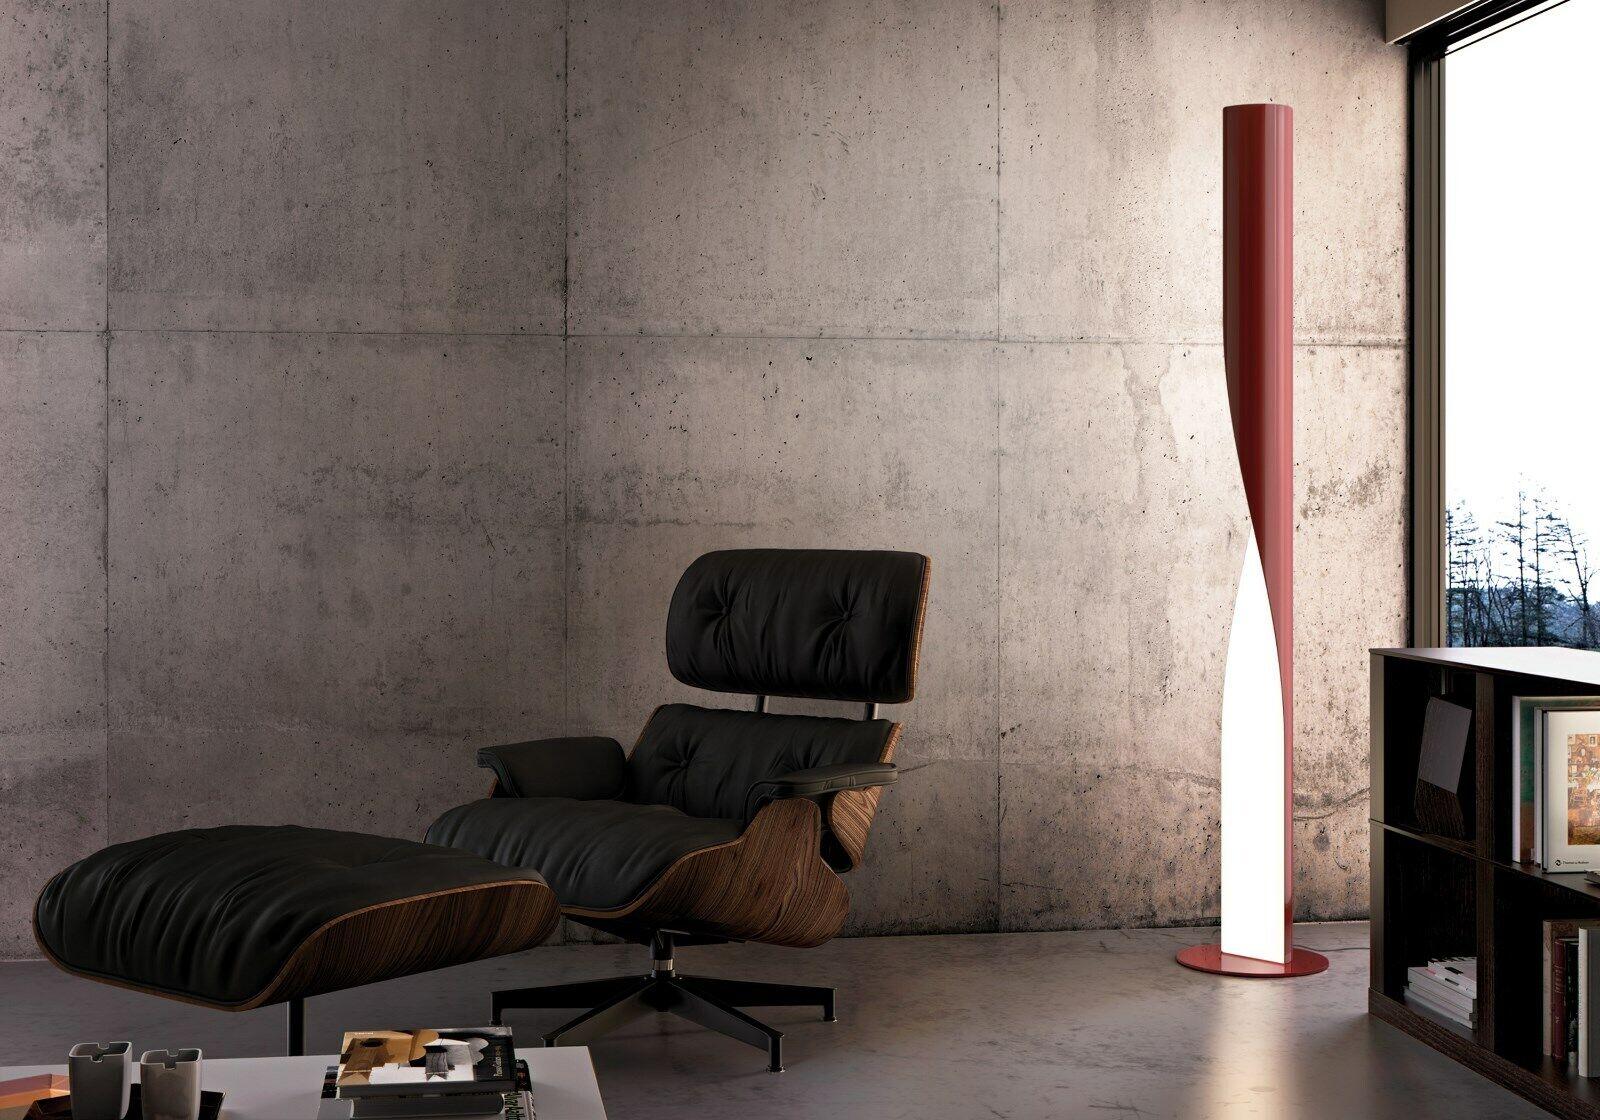 KUNDALINI EVITA LED Moderne Italianische Stehleuchte Exklusiv Stehlampe190cm NEU